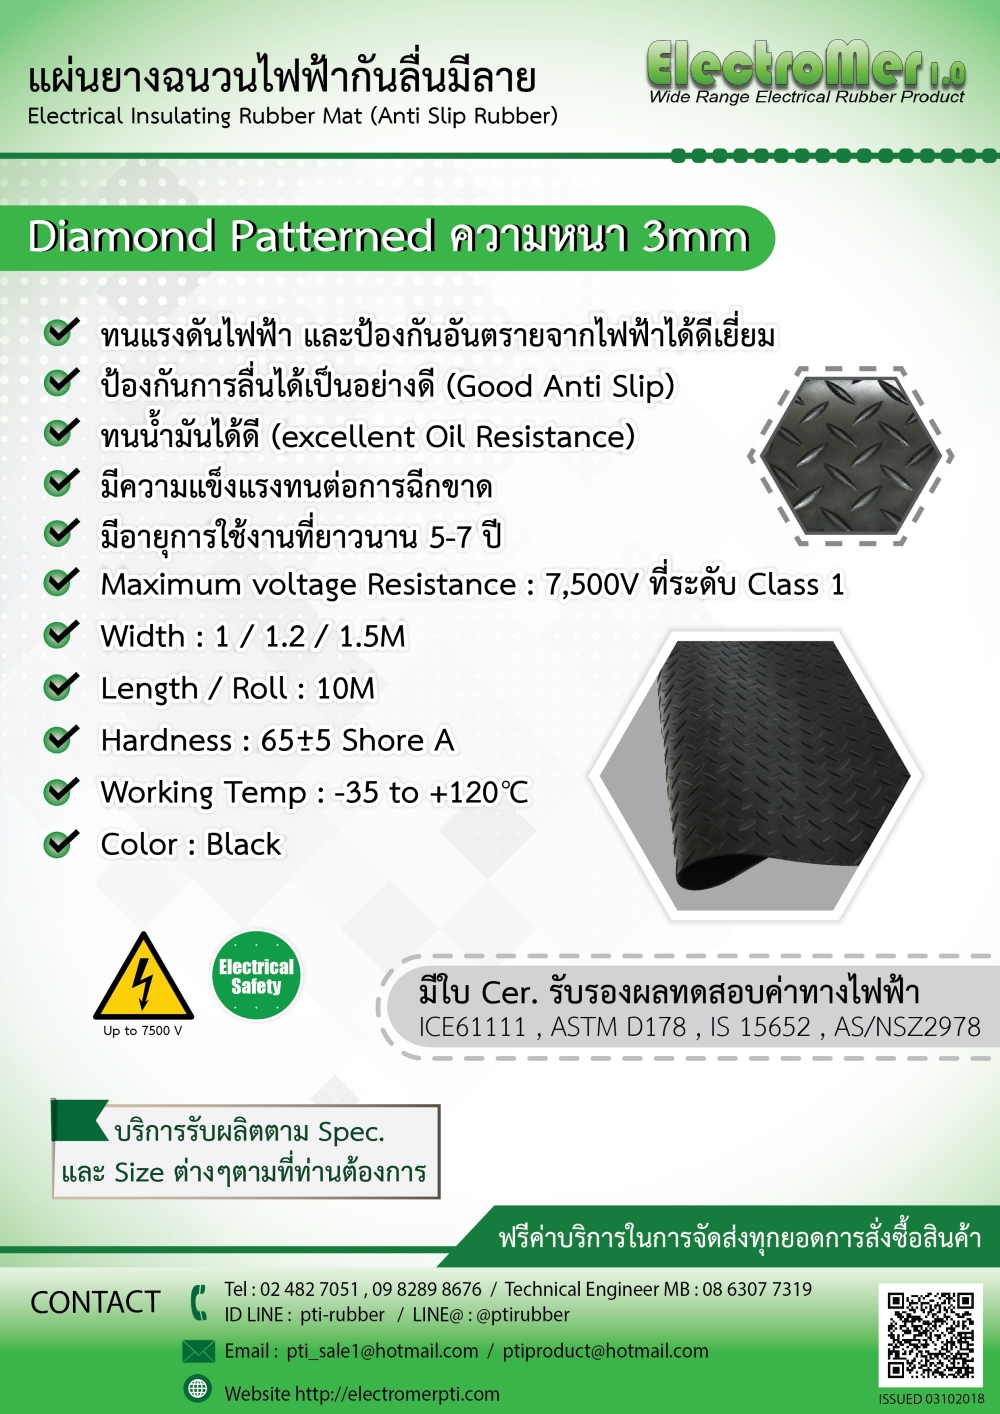 แผ่นยางฉนวนไฟฟ้ากันลื่นลาย Diamond 3mm